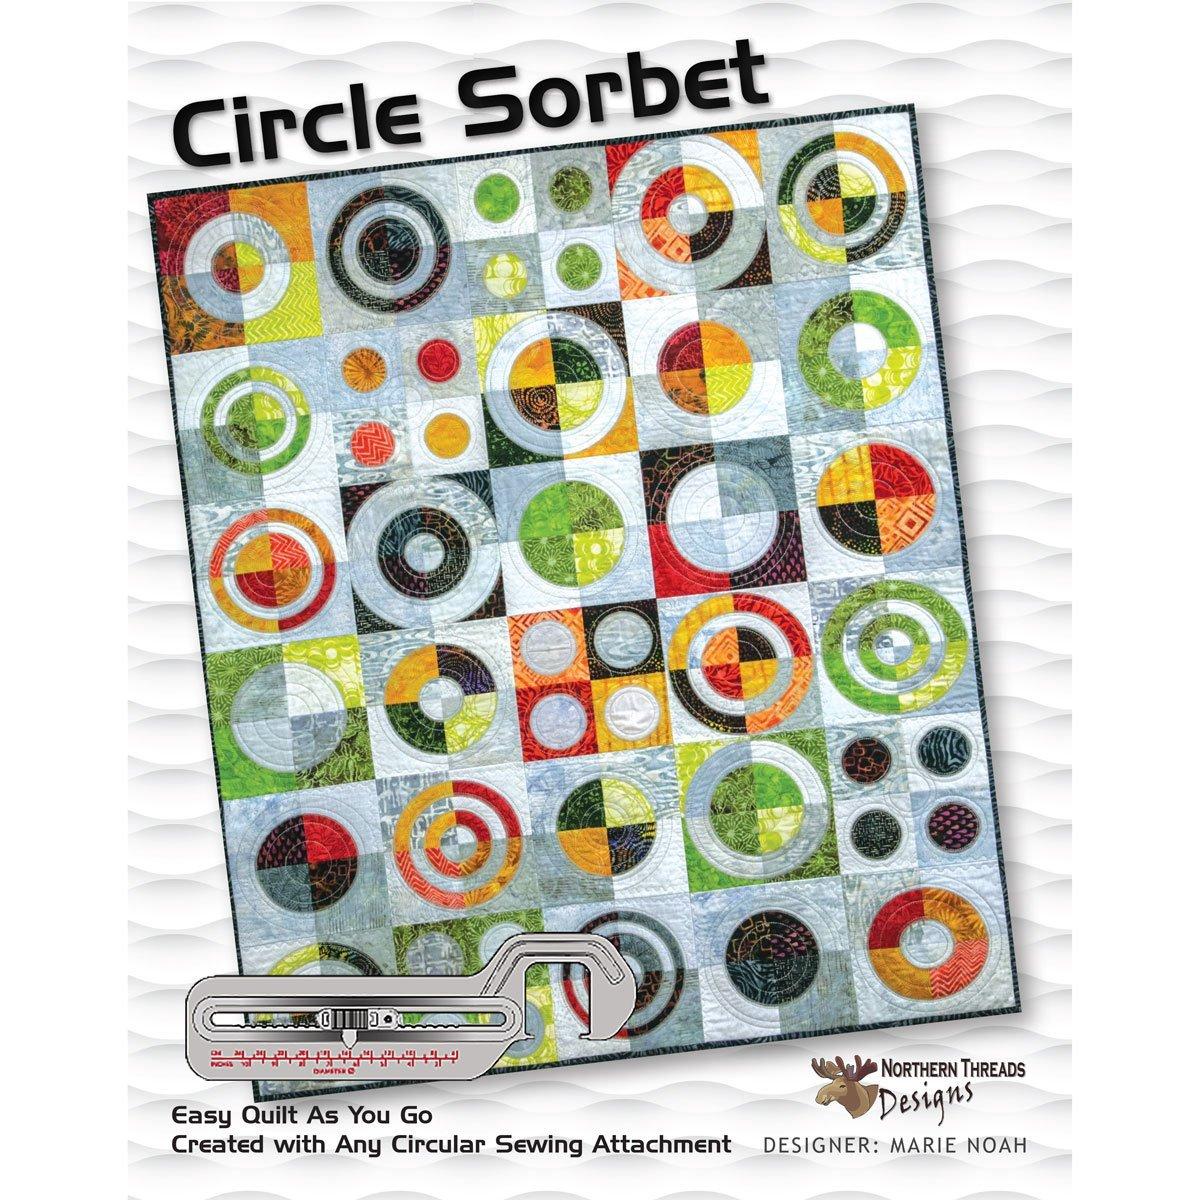 Circle Sorbet